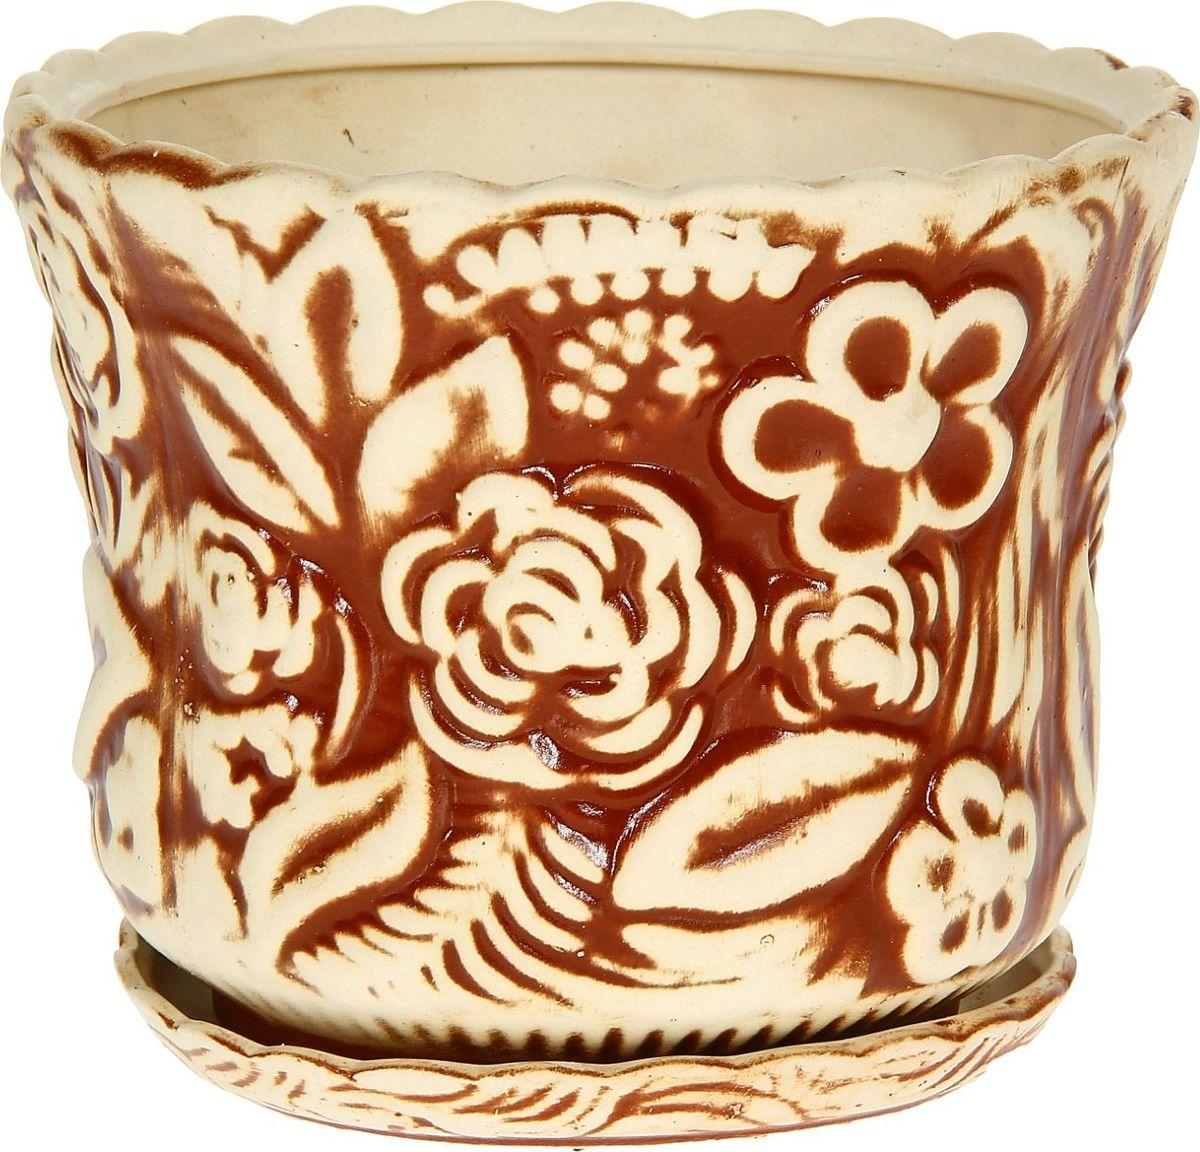 Кашпо Керамика ручной работы Букет, цвет: коричневый, 5 л1114252Комнатные растения — всеобщие любимцы. Они радуют глаз, насыщают помещение кислородом и украшают пространство. Каждому из них необходим свой удобный и красивый дом. Кашпо из керамики прекрасно подходят для высадки растений: за счёт пластичности глины и разных способов обработки существует великое множество форм и дизайновпористый материал позволяет испаряться лишней влагевоздух, необходимый для дыхания корней, проникает сквозь керамические стенки! #name# позаботится о зелёном питомце, освежит интерьер и подчеркнёт его стиль.